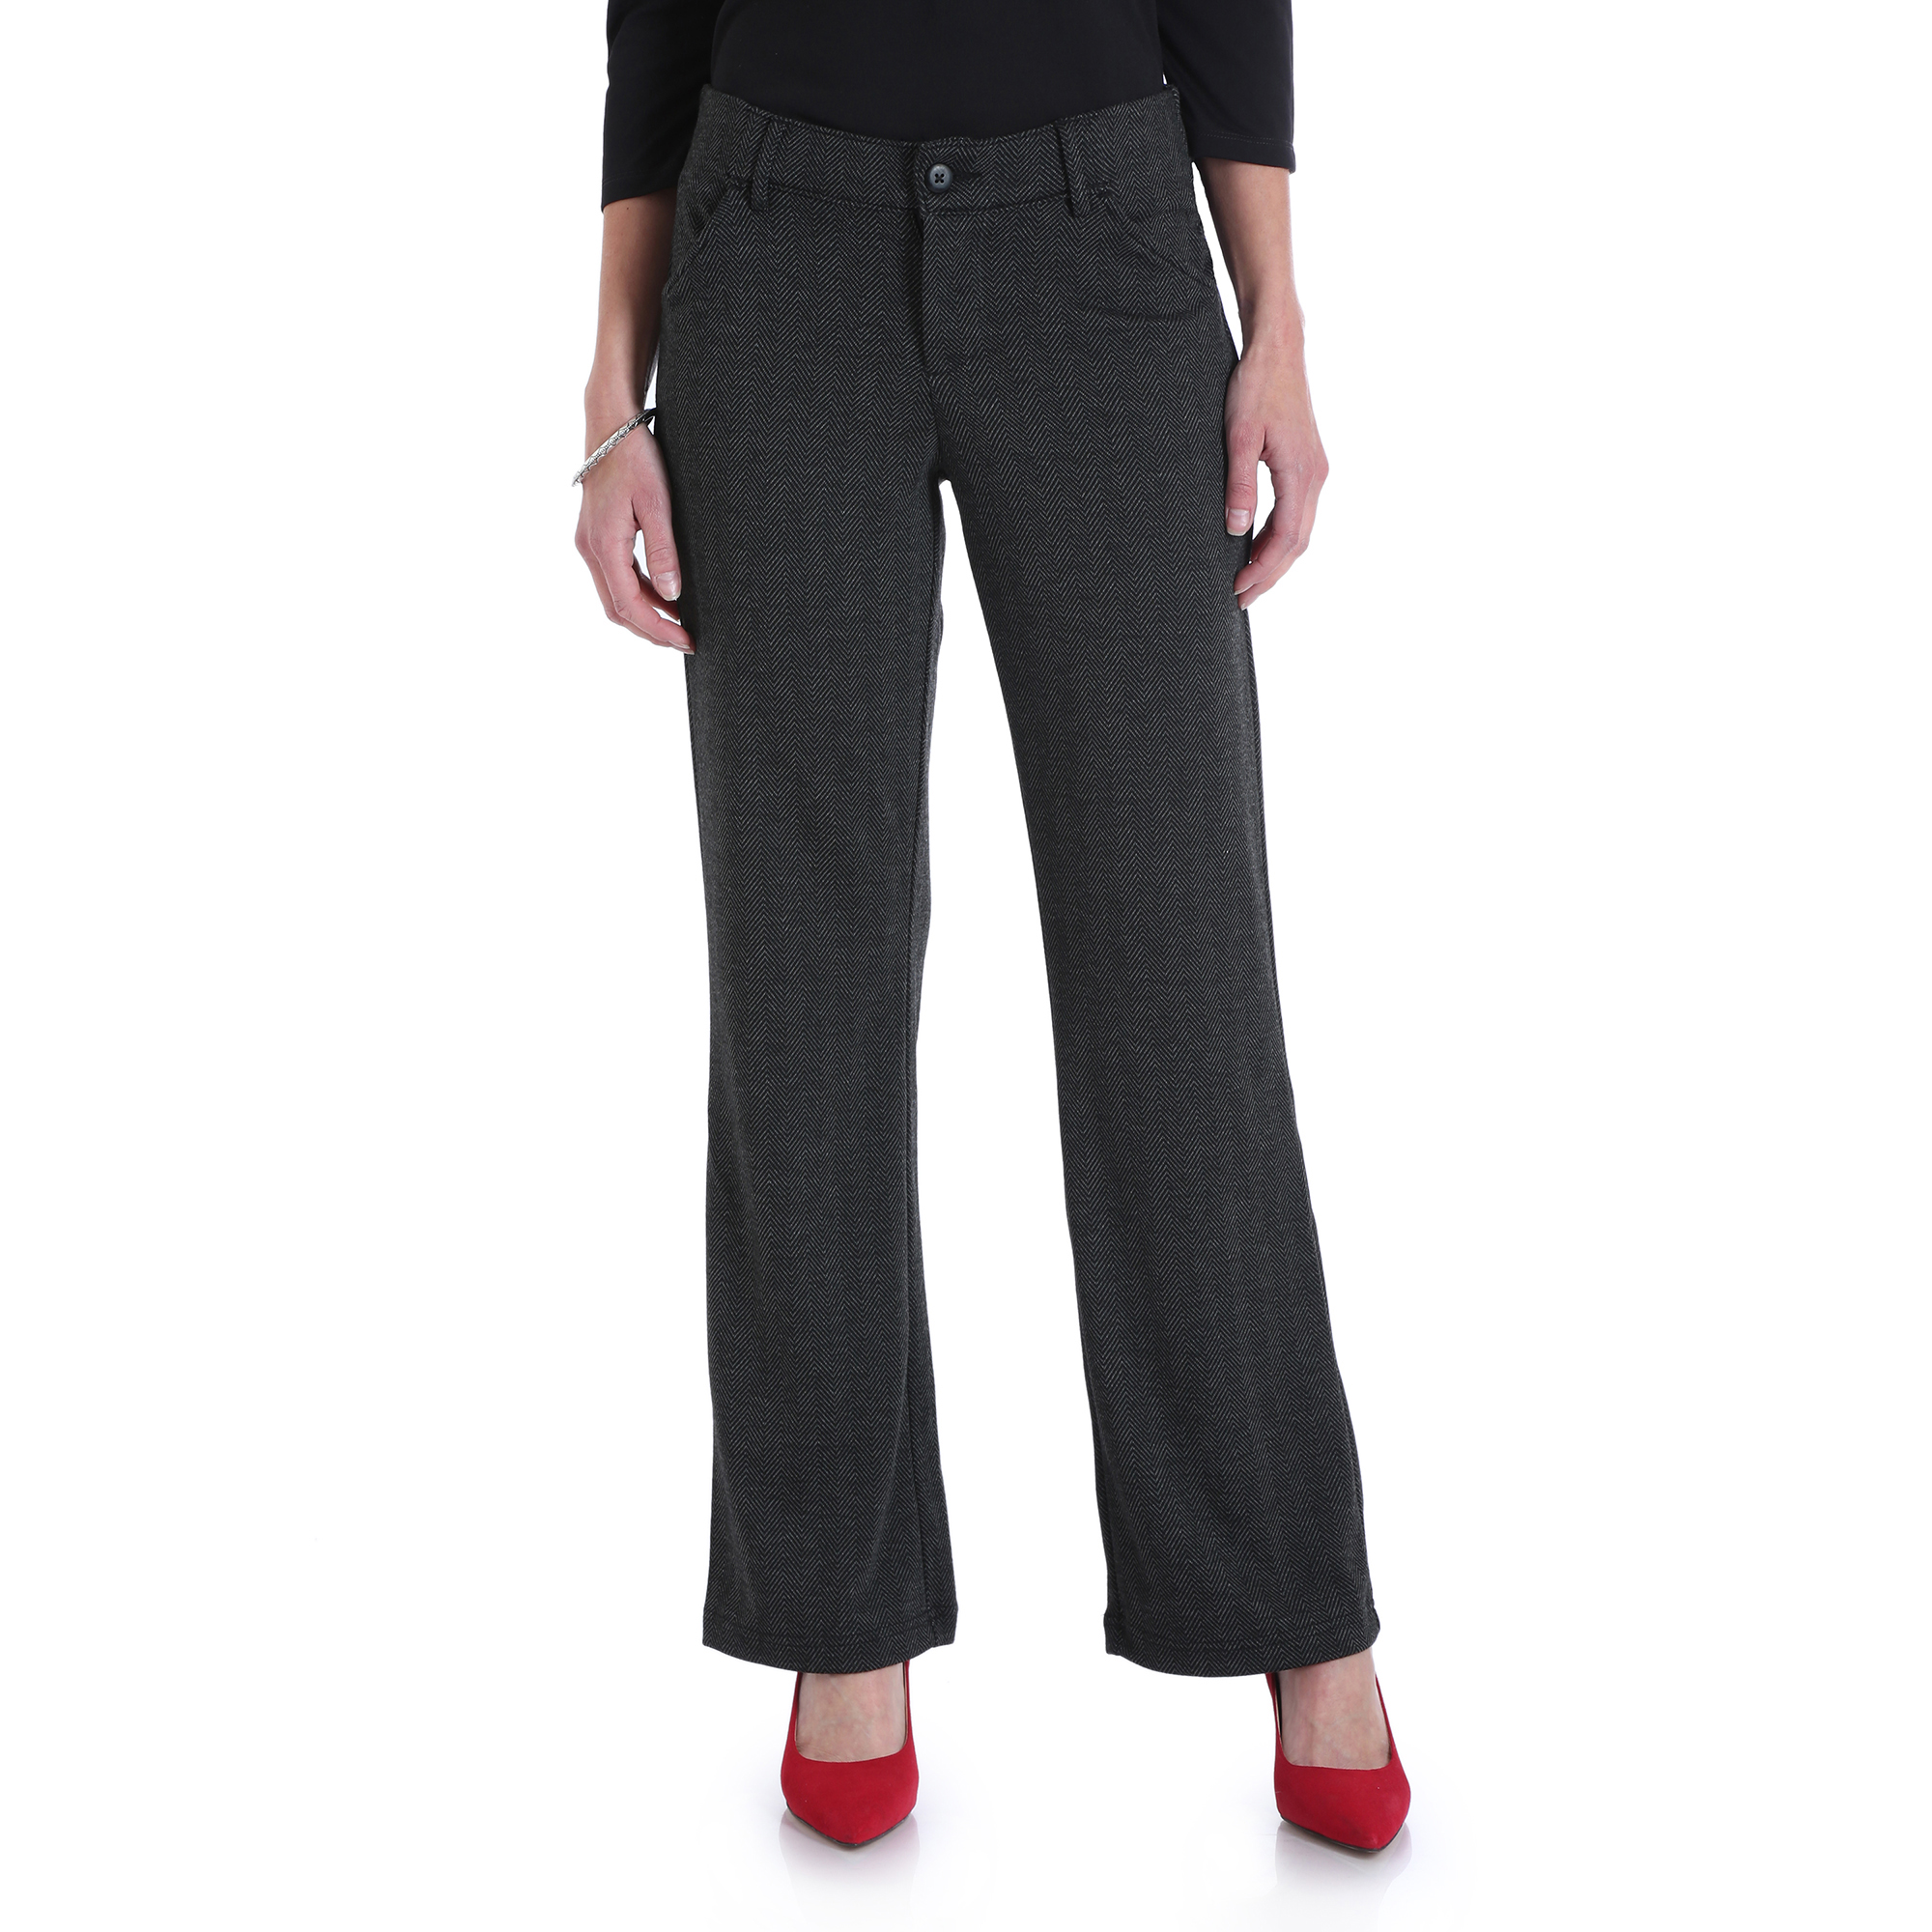 W36BT14 - Knit Trouser